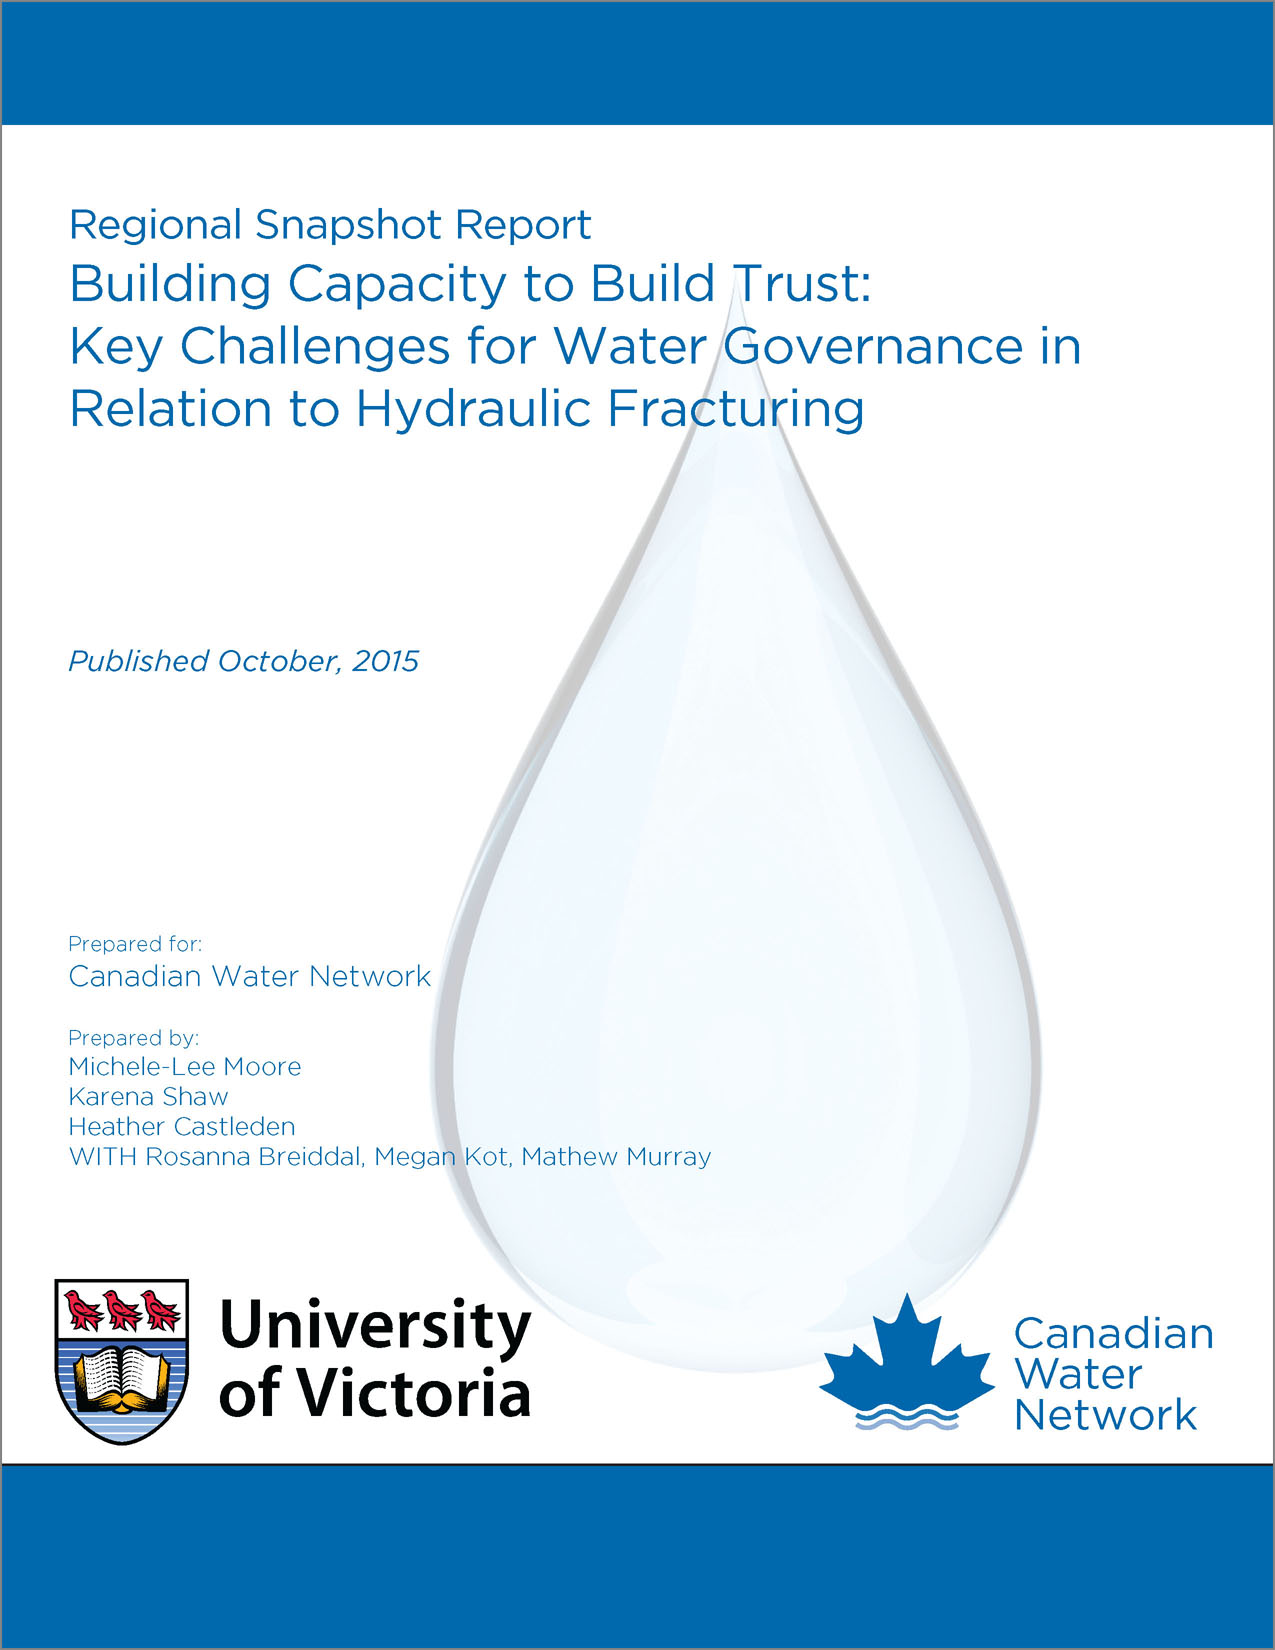 Bien plus qu'un permis de forage : étude des défis associés à la gouvernance de l'eau et à la fracturation hydraulique au Canada